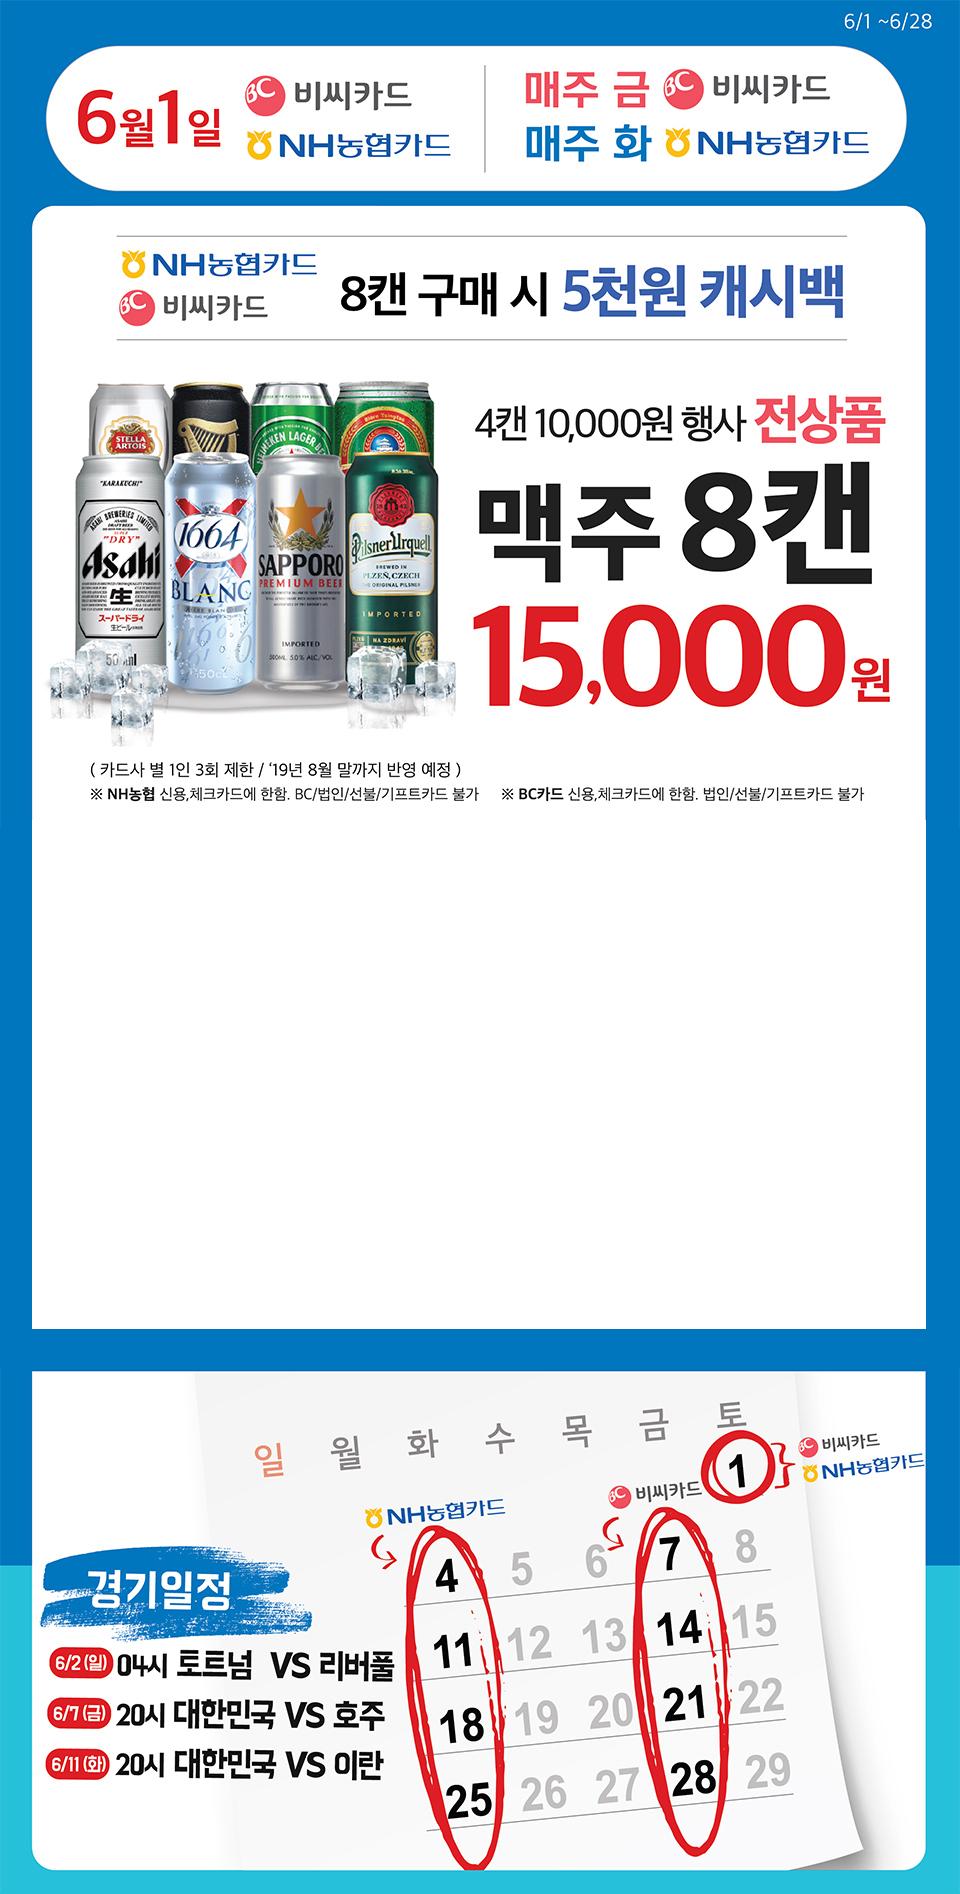 NH농협카드,비씨카드 8캔 구매 시 5천원 캐시백 - 하단 상세설명